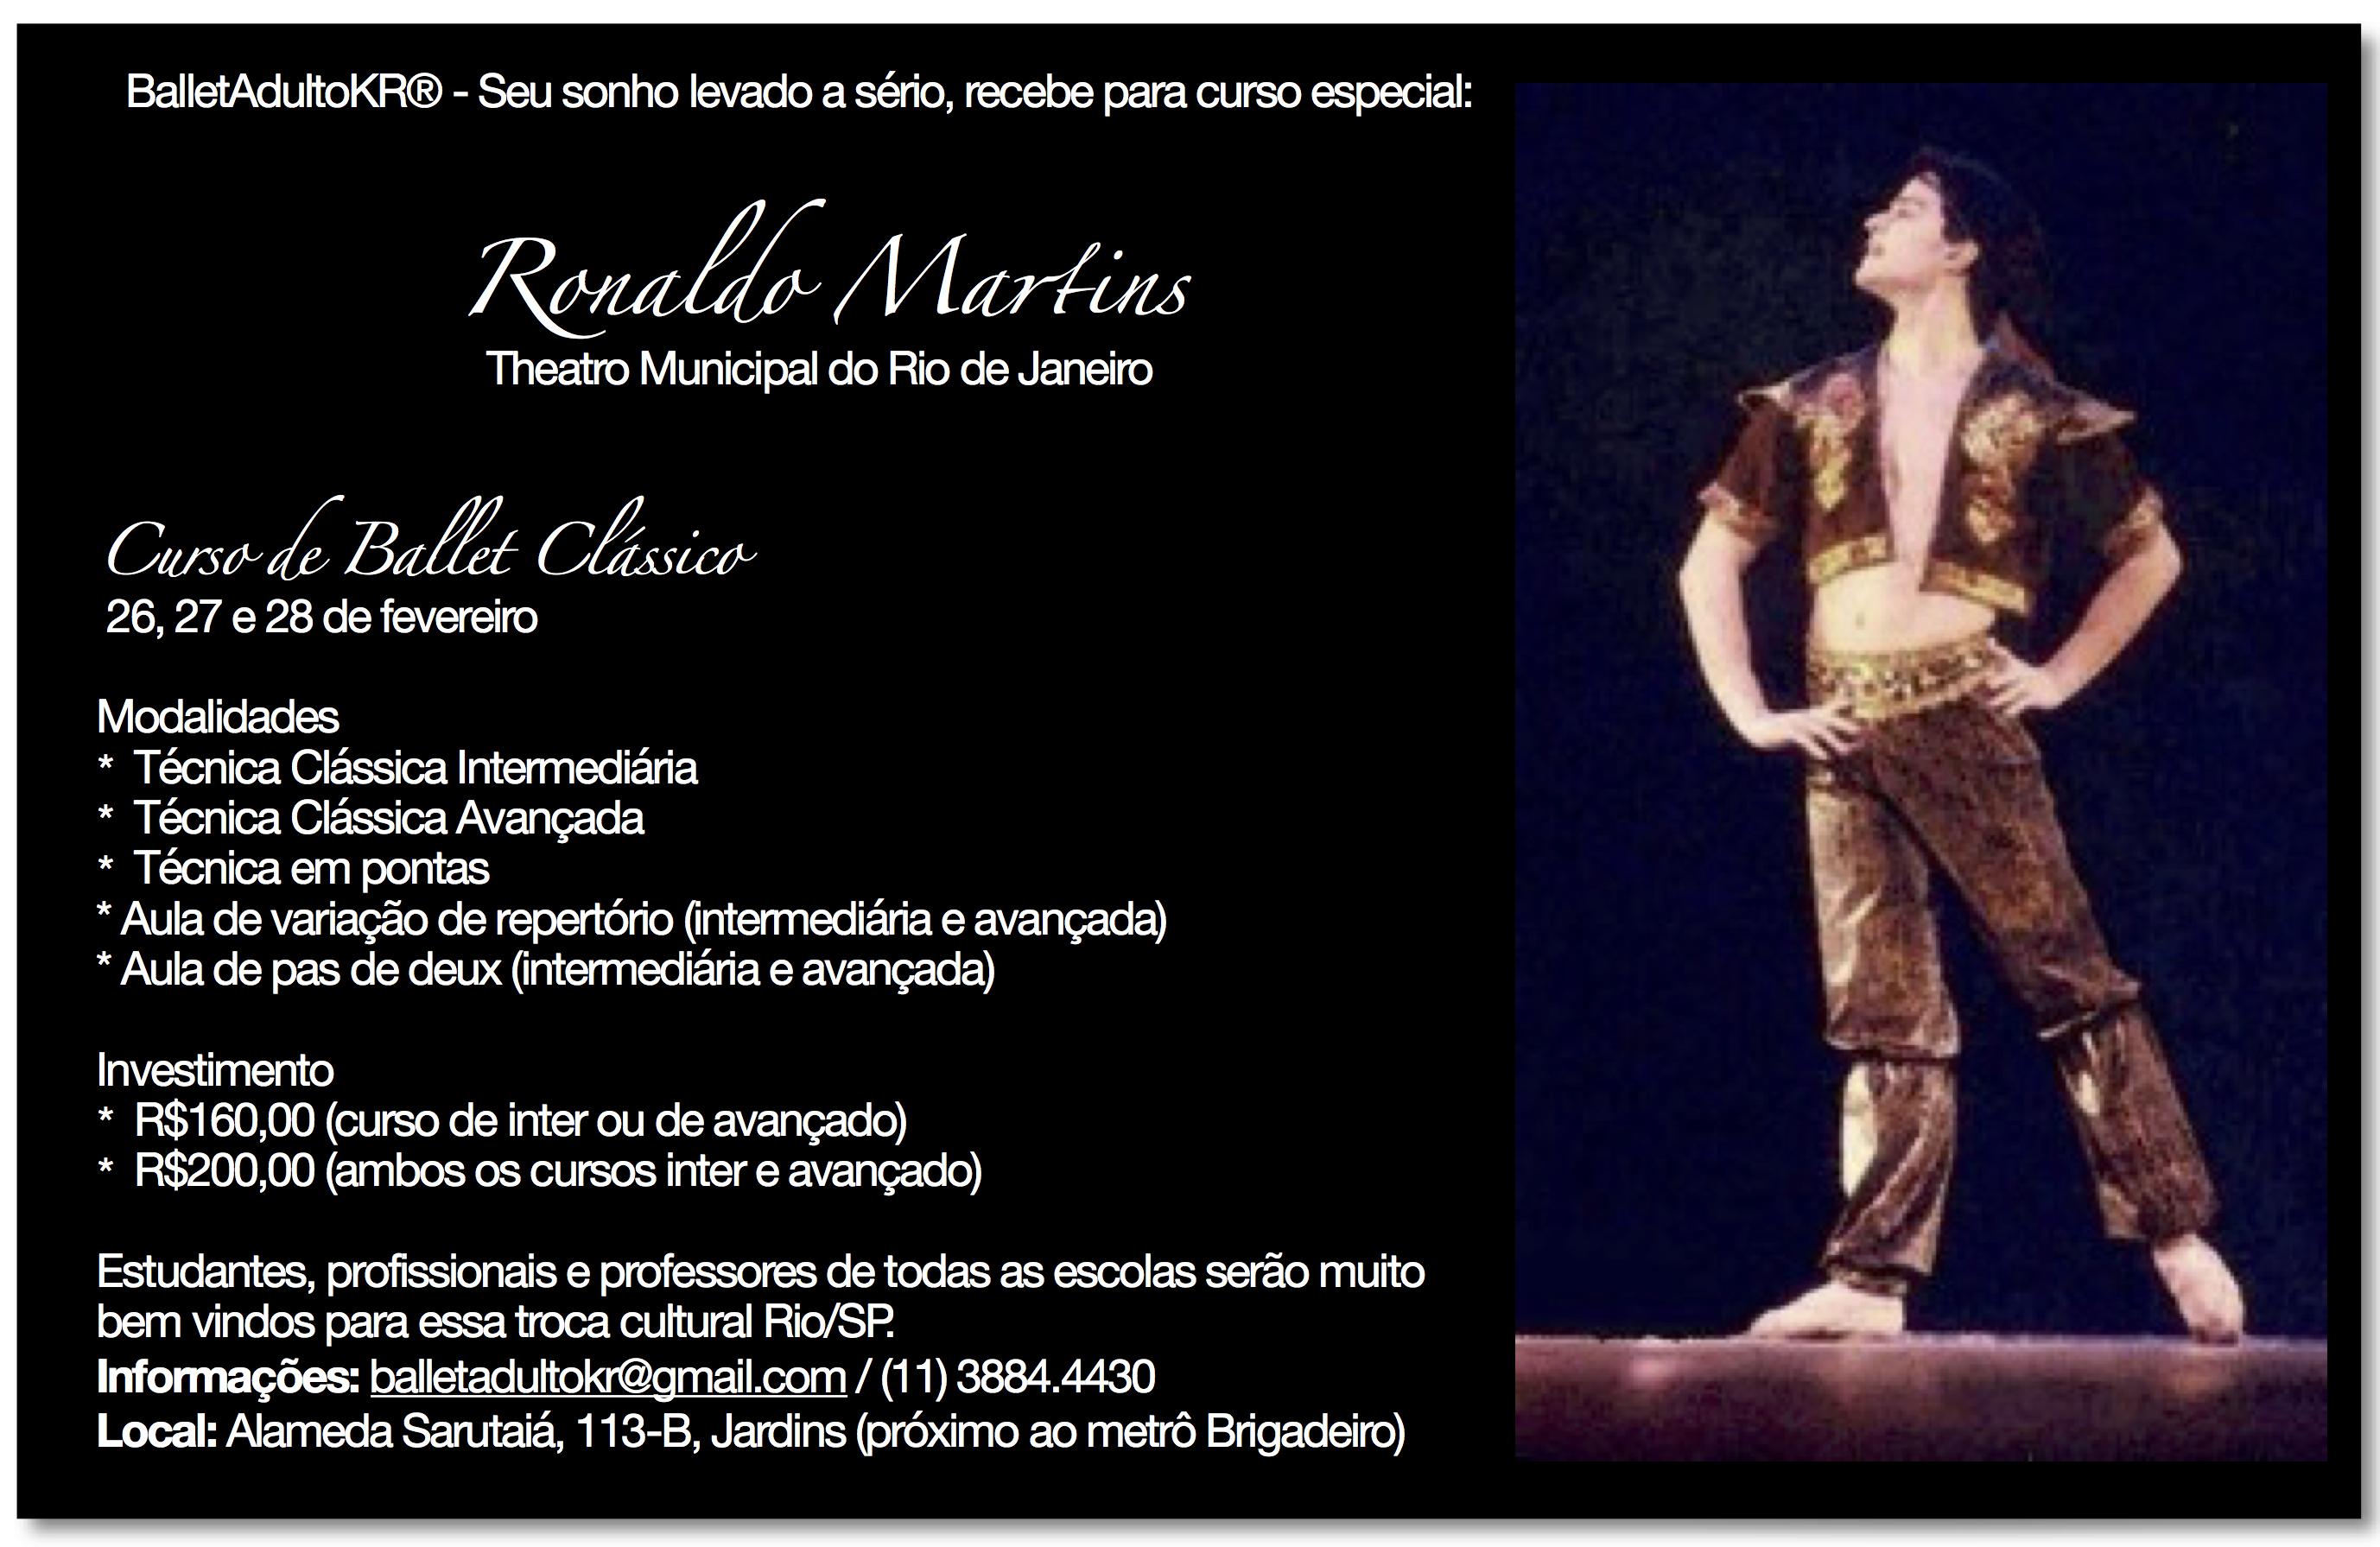 Curso Ronaldo Martins